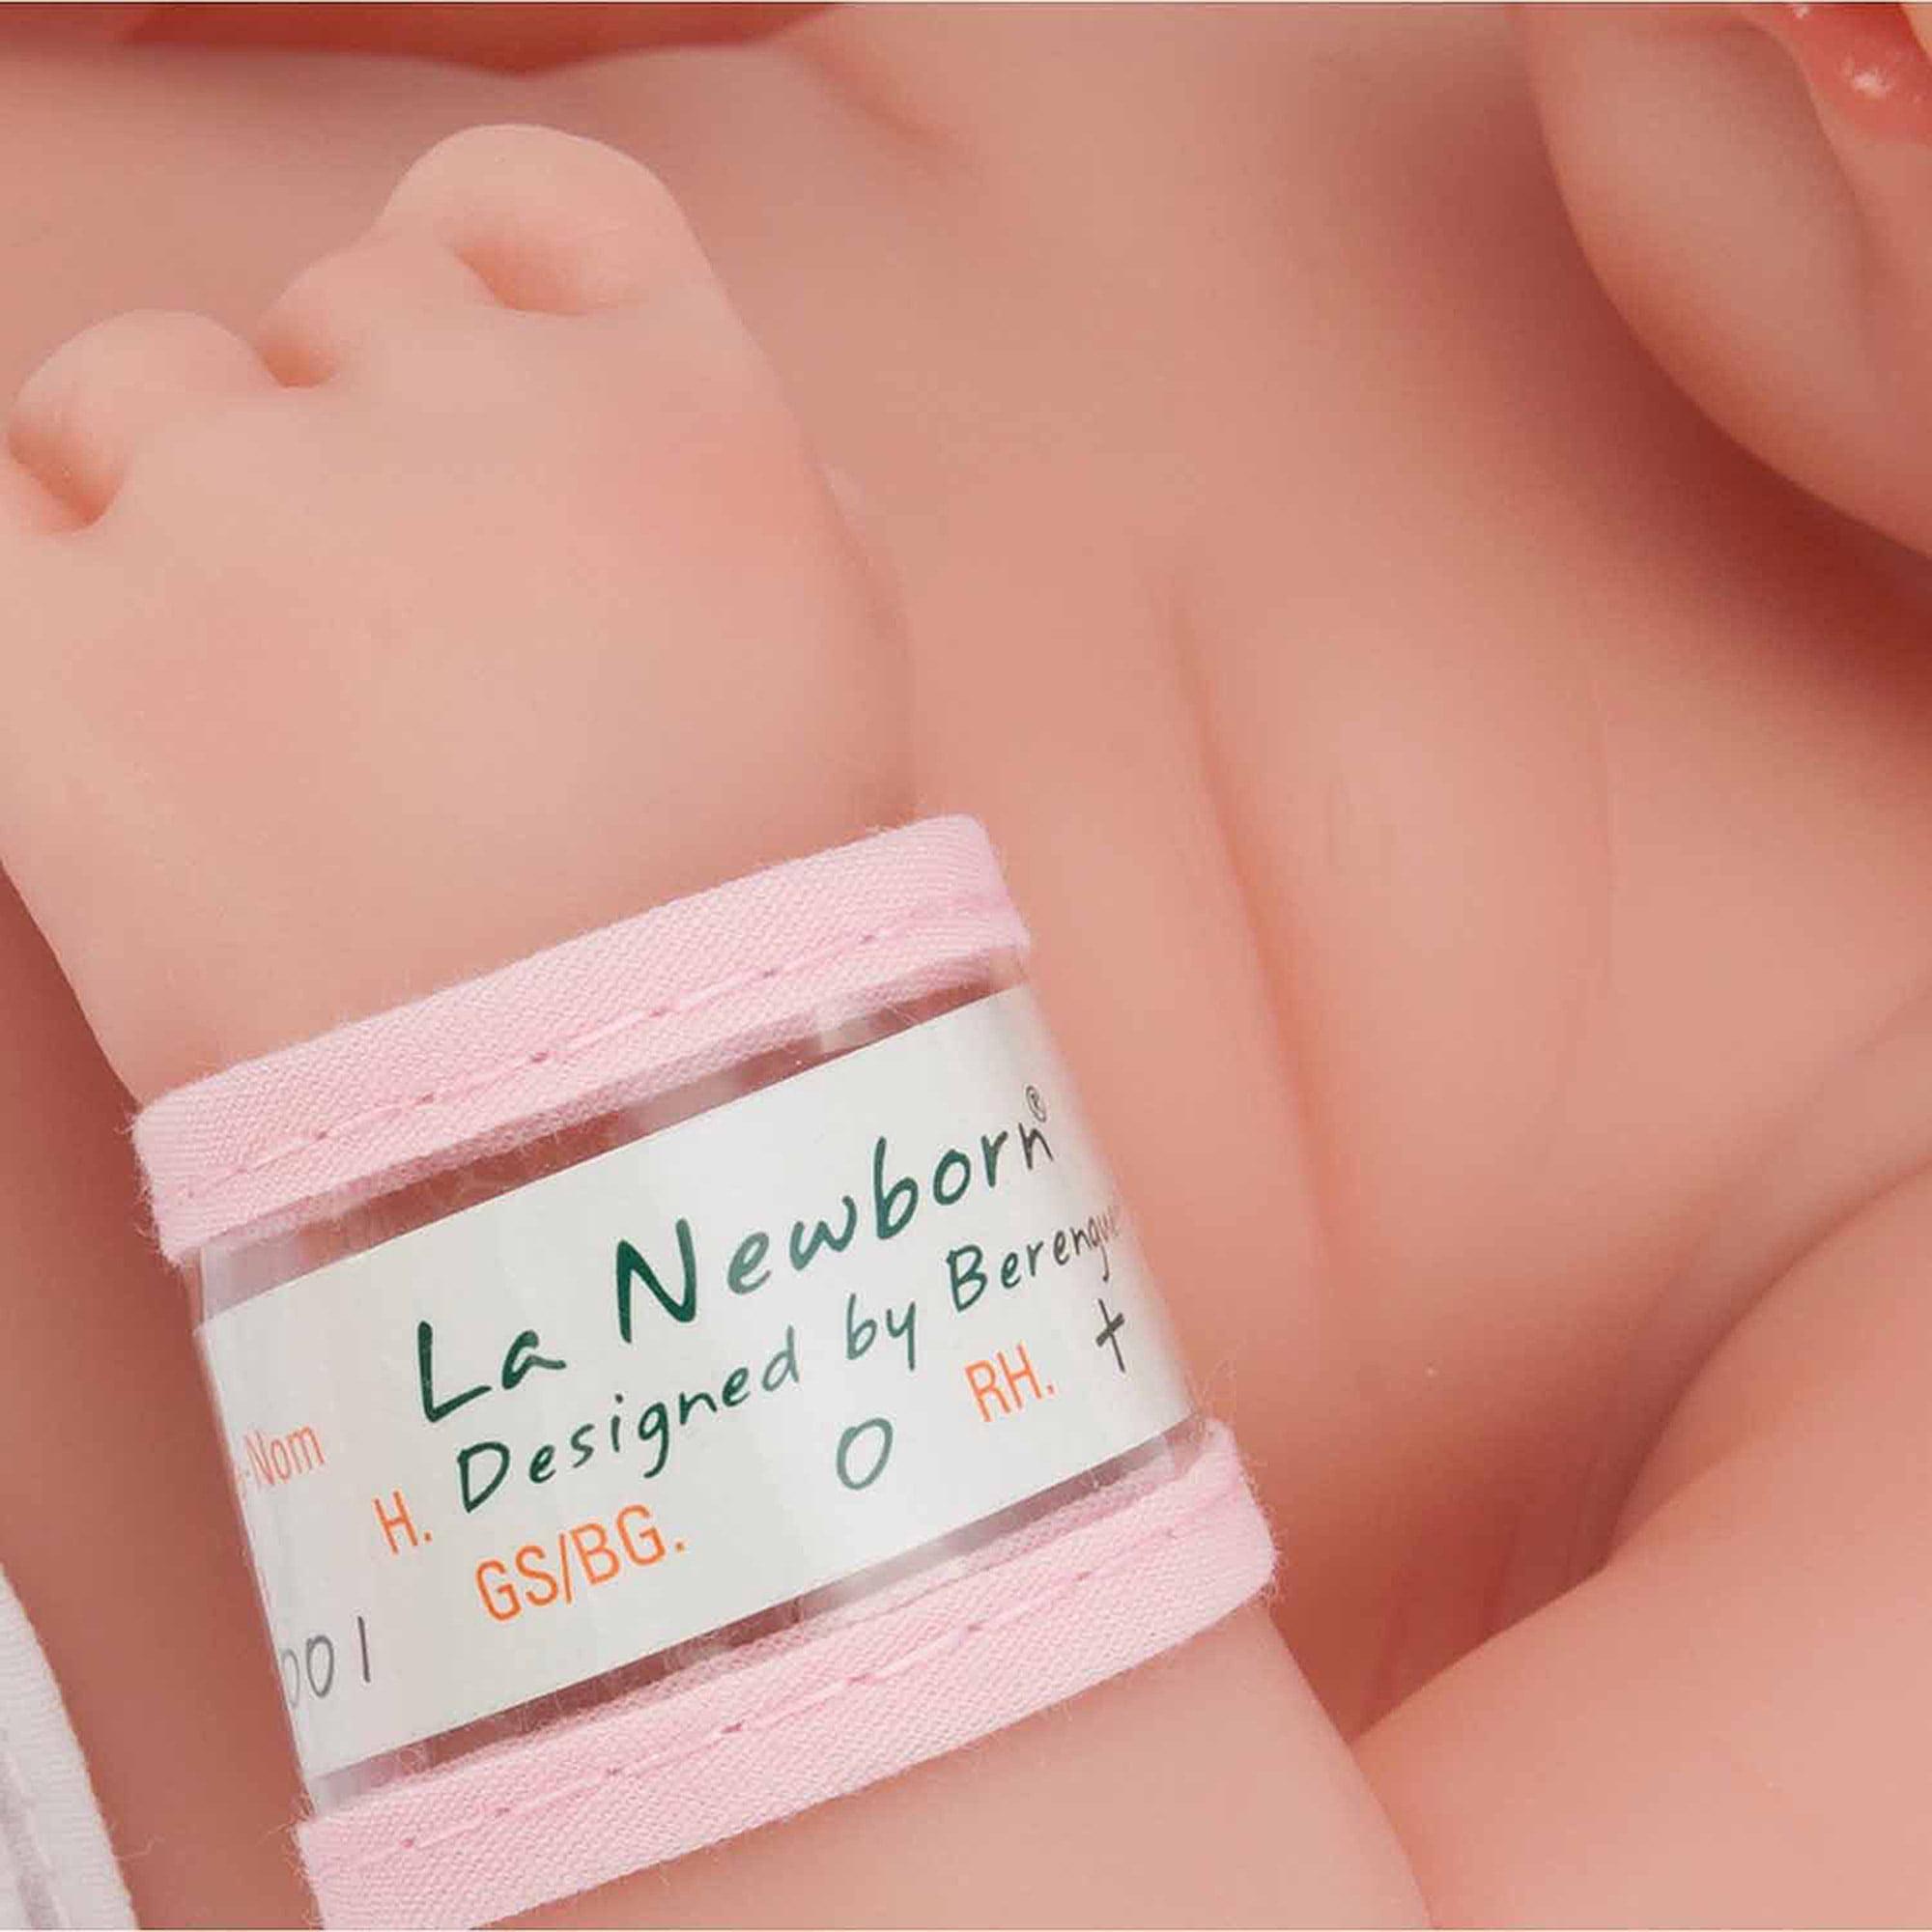 La Newborn 15\